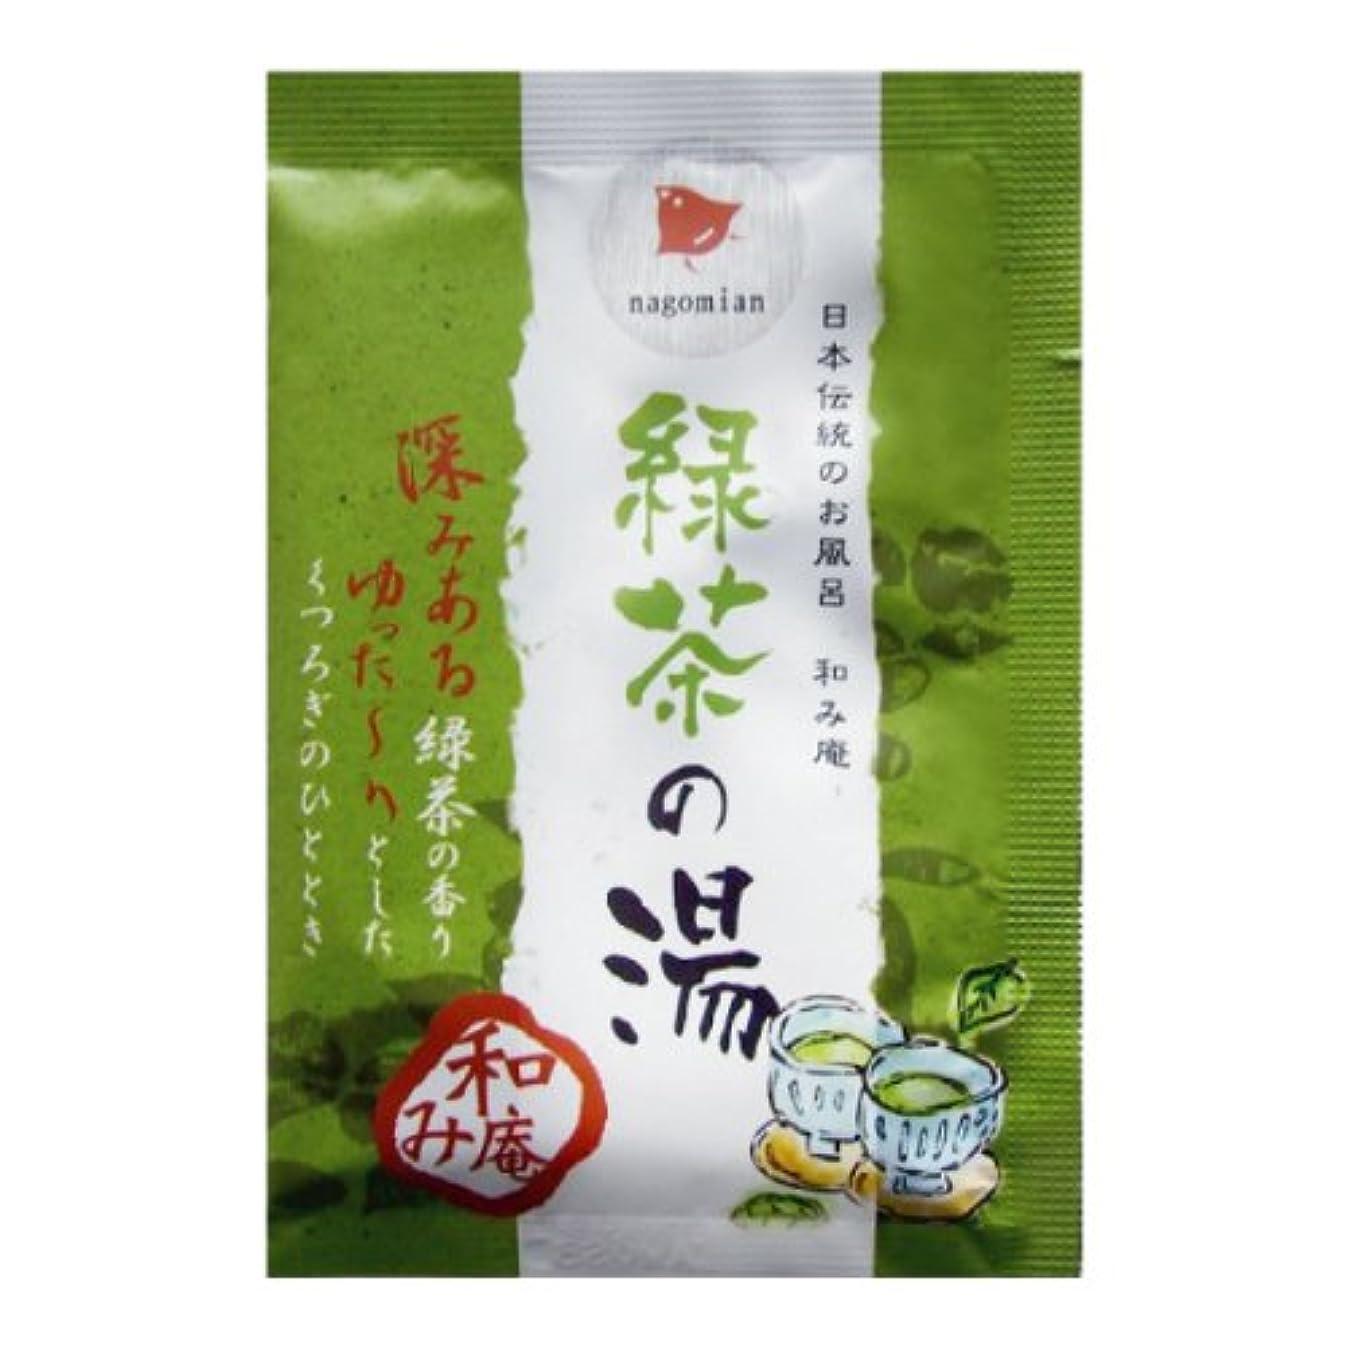 再編成するパス場所日本伝統のお風呂 和み庵 緑茶の湯 200包